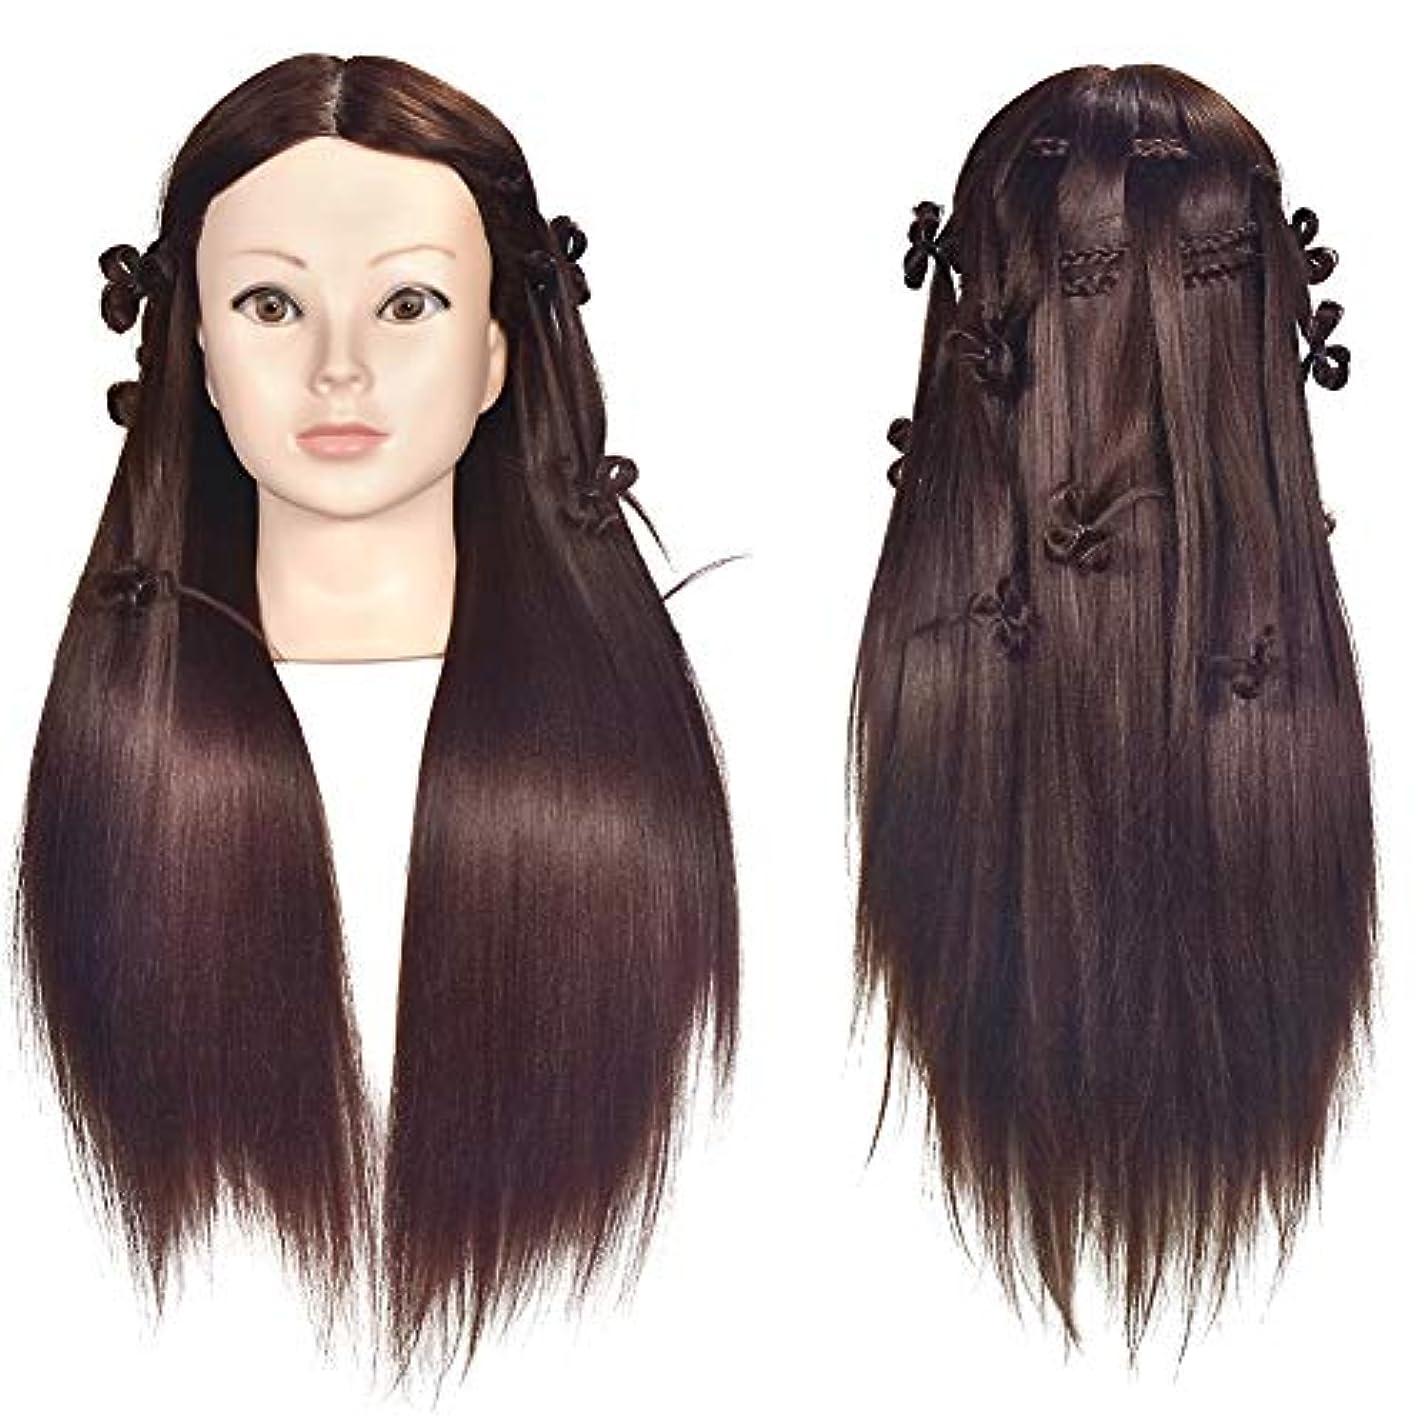 ヨーグルト戦争独特の練習用 編み込み練習用 ウィッグマネキンヘッド ヘアアクセサリーセット 美容室サロン 100%合成髪